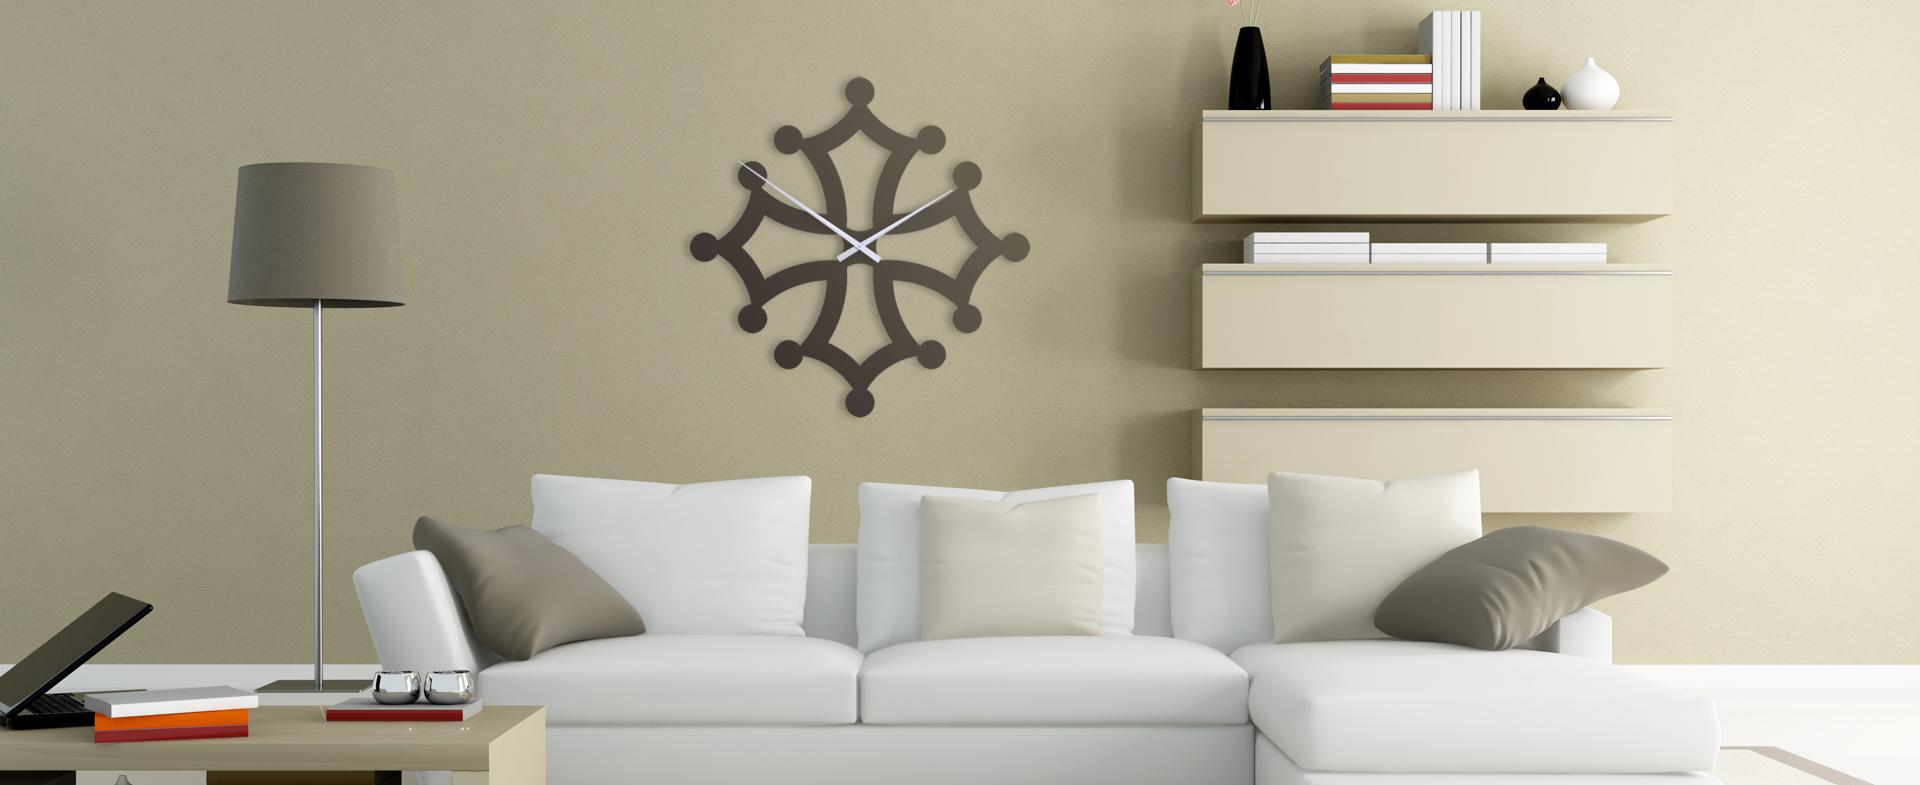 madeinoccitanie cr ateur d 39 horloges pendules et d corations murales design d co et. Black Bedroom Furniture Sets. Home Design Ideas